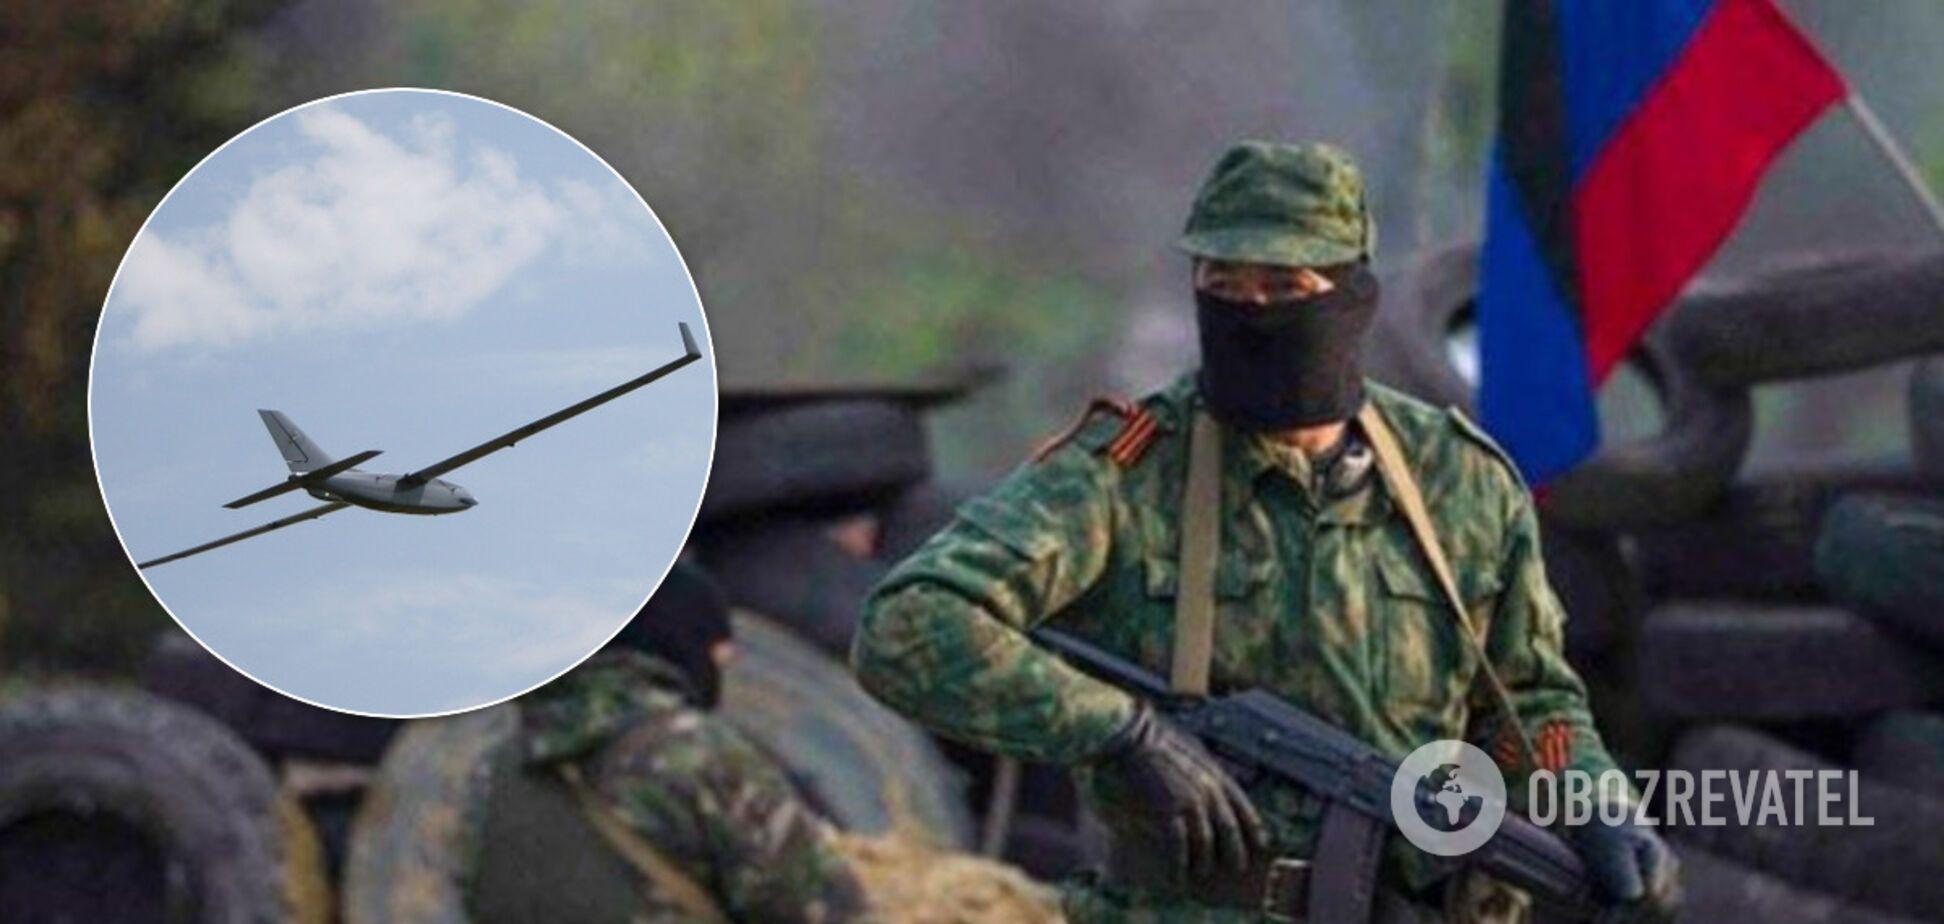 Беспилотник террористов атаковал позиции ВСУ на Донбассе: есть раненый